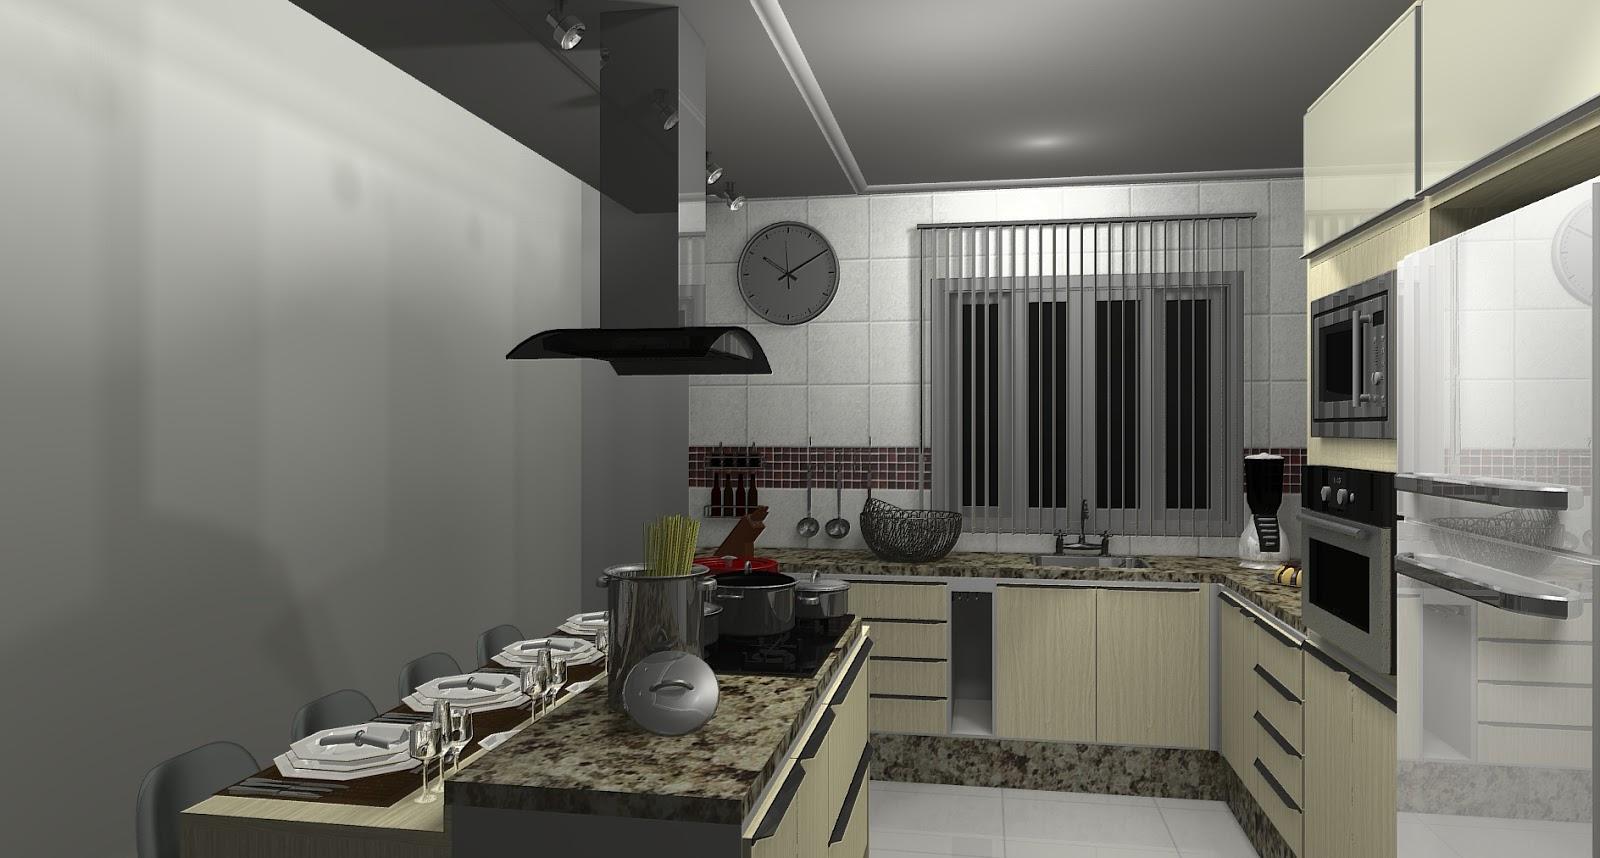 519573 Balcão ilha na cozinha 4 Balcão ilha na cozinha: saiba mais #575146 1600 858